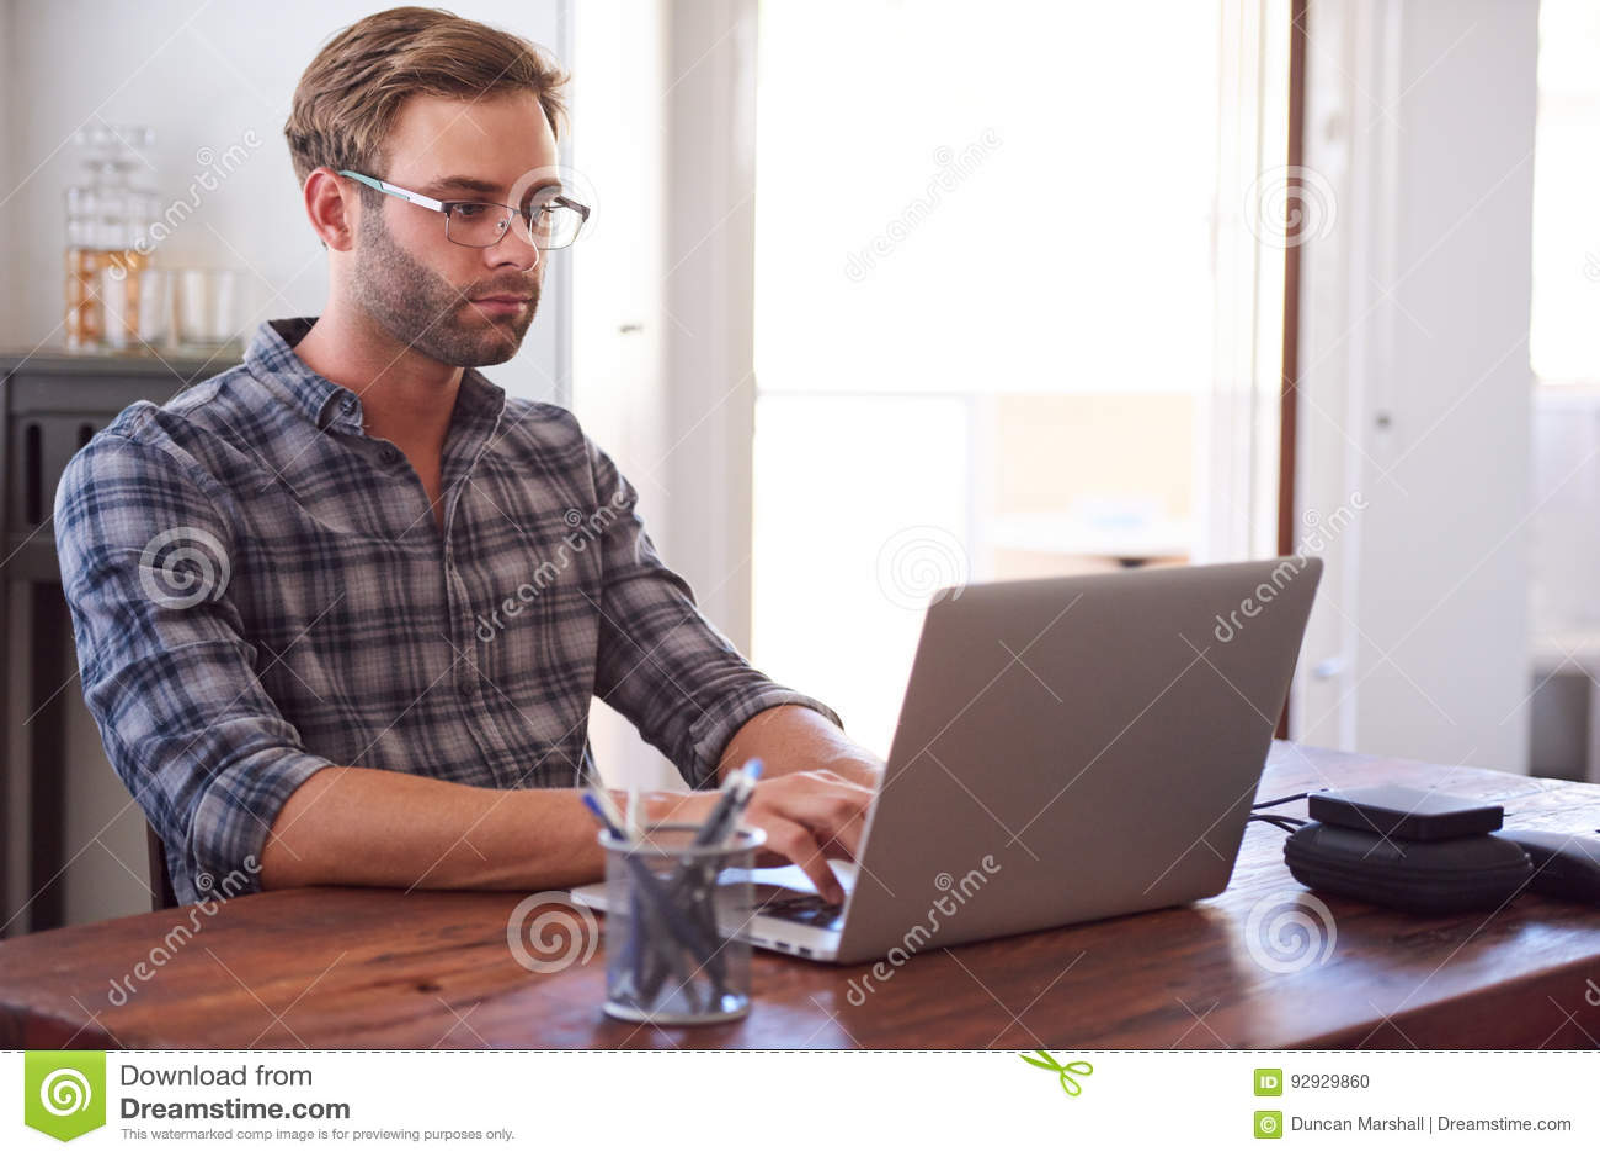 Homme moderne dactylographiant sur un ordinateur portable tandis qu